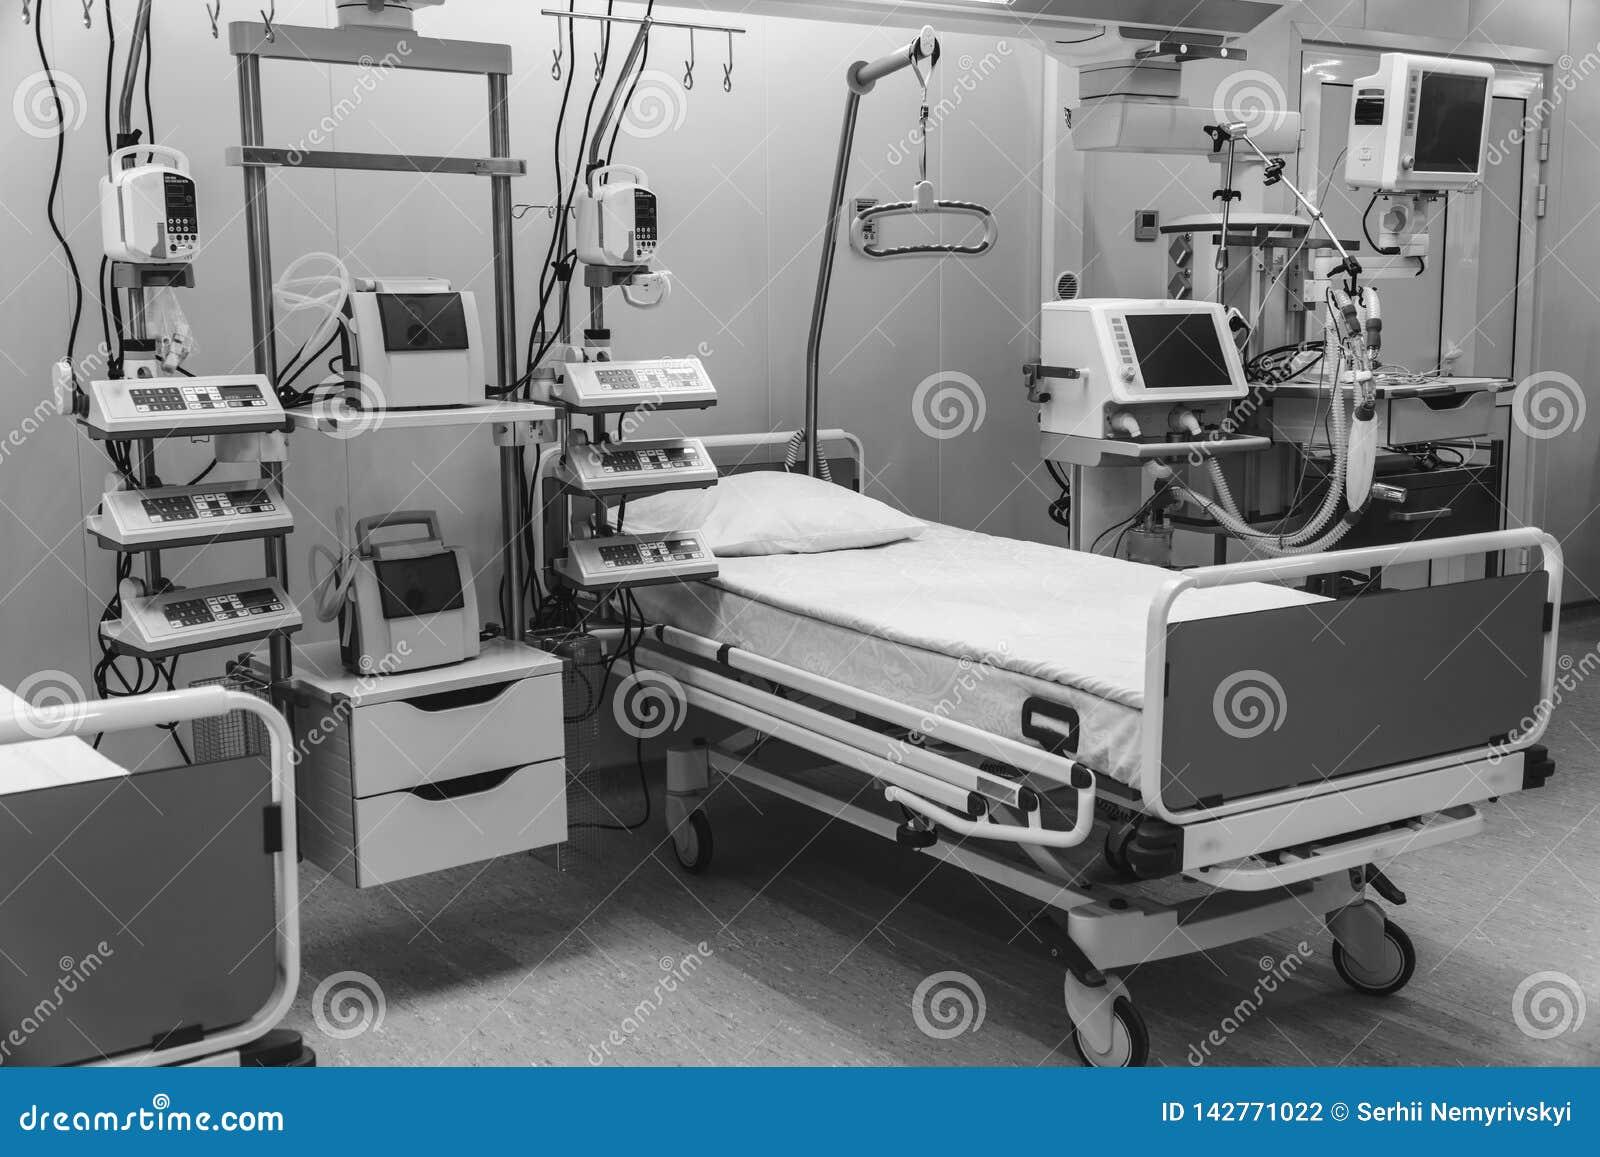 黑色白色 医院急诊室特护 现代设备,健康医学,治疗,住院病人的概念